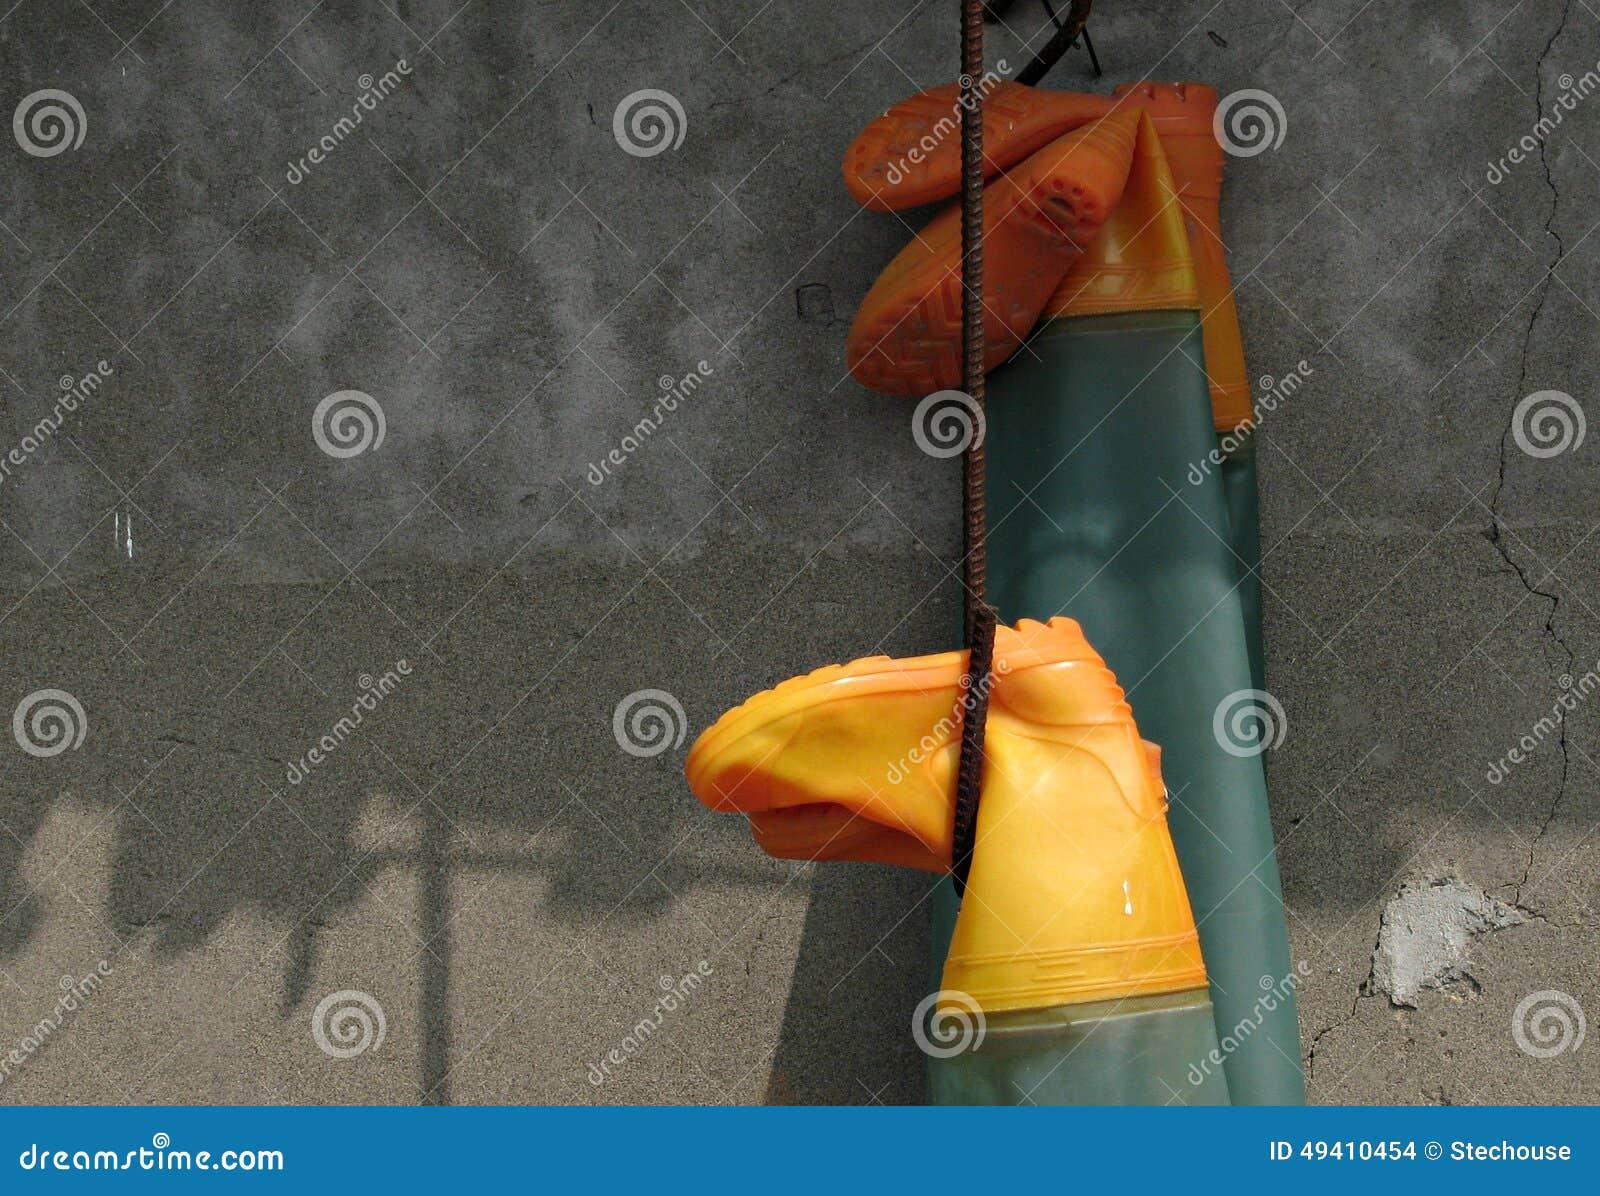 Download Rubbet-Stiefel in Taiwan stockfoto. Bild von gummi, matten - 49410454